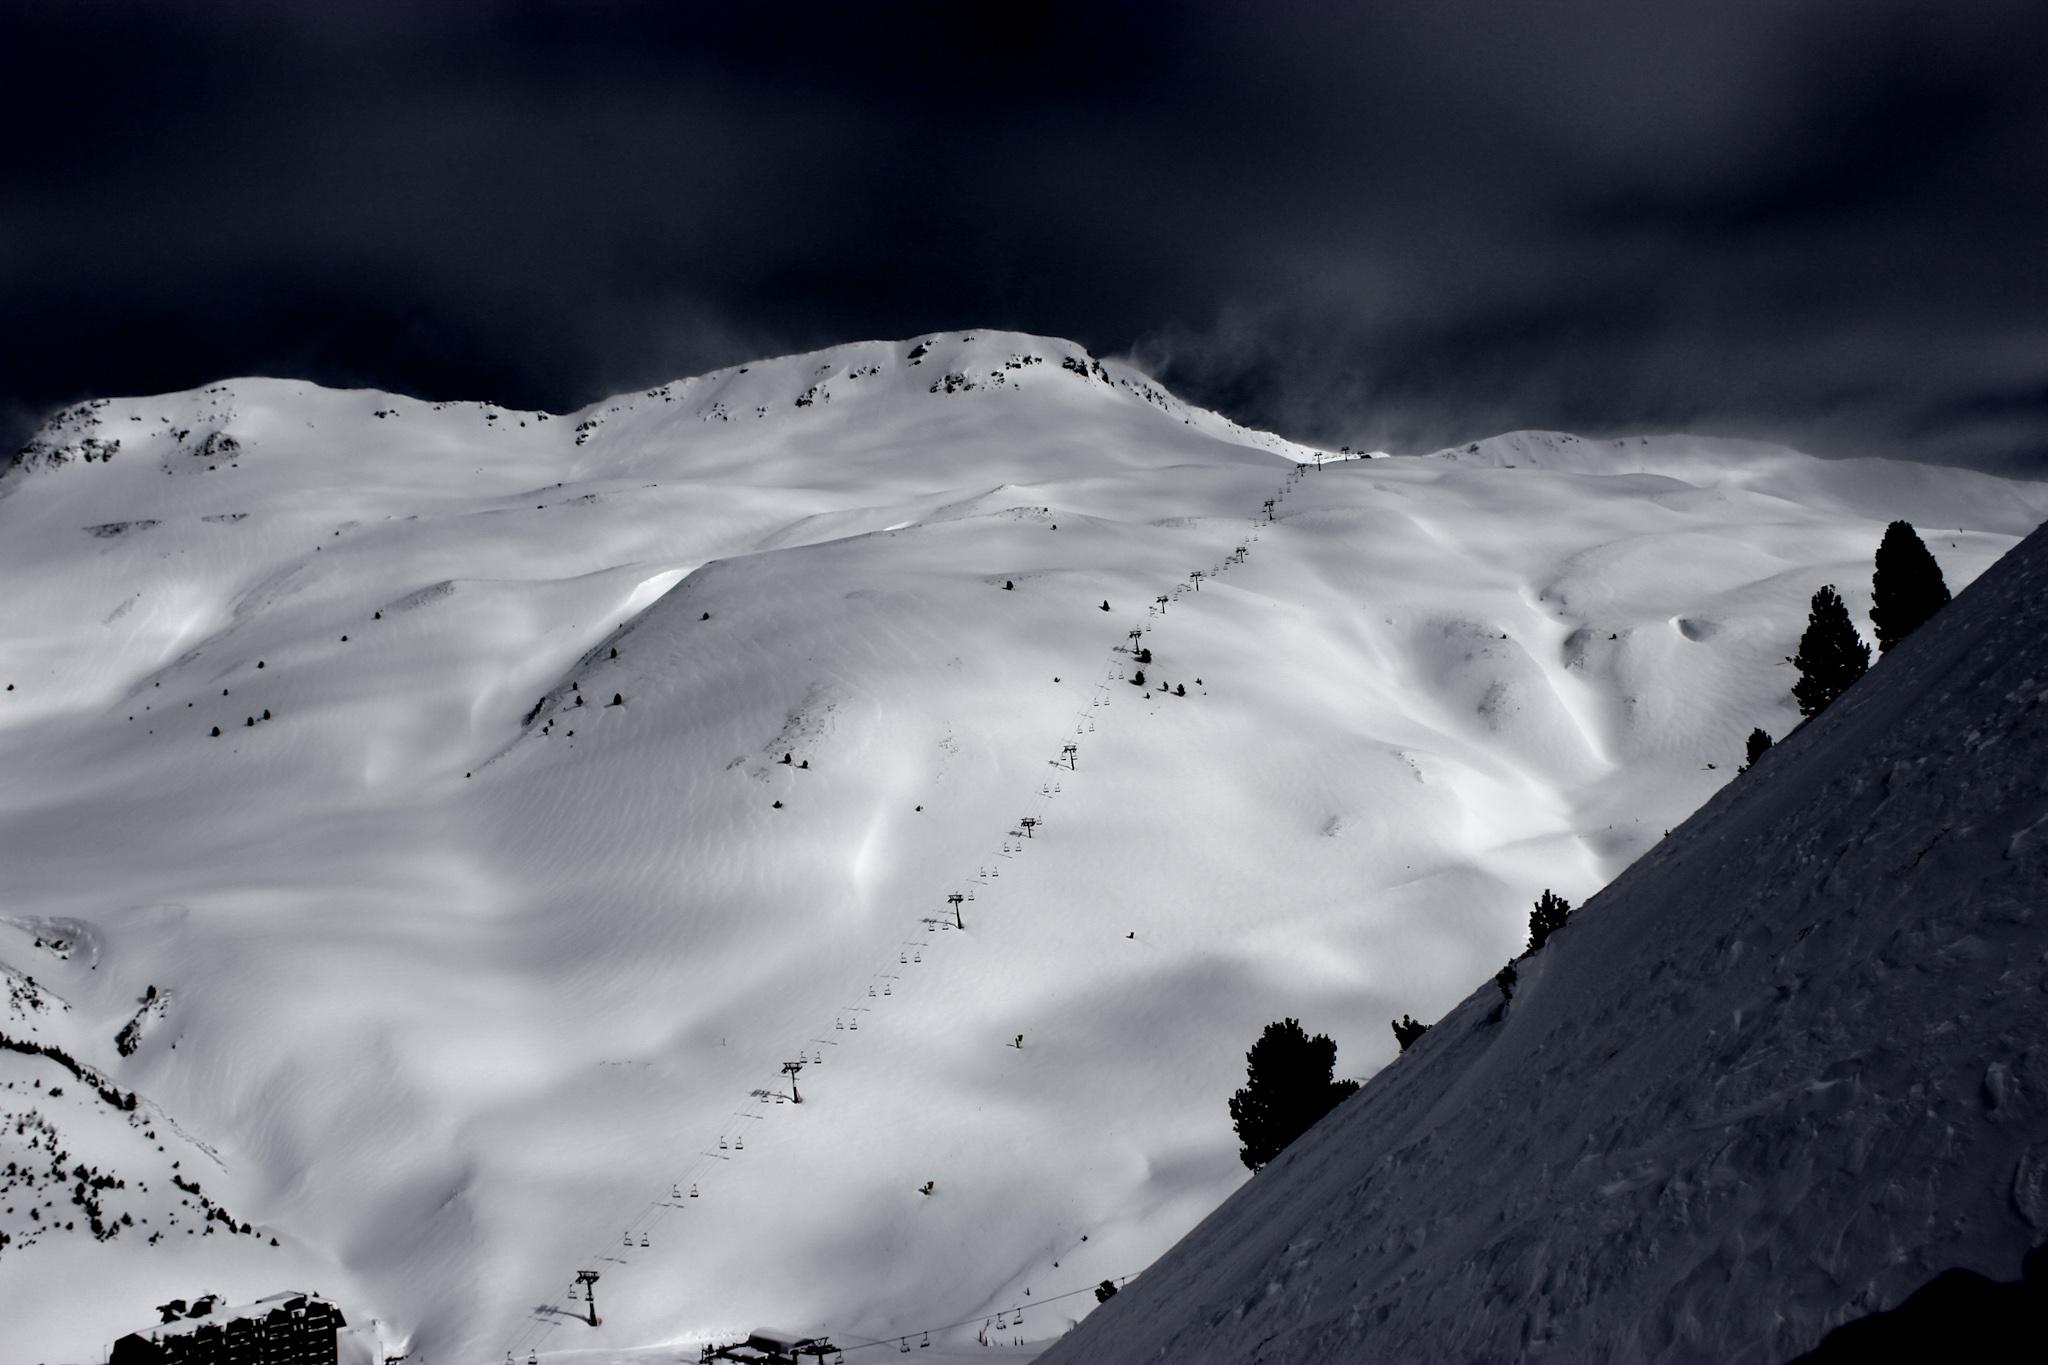 Truchas 2 - Astún - Fotos del Valle del Aragón, Mikel Besga